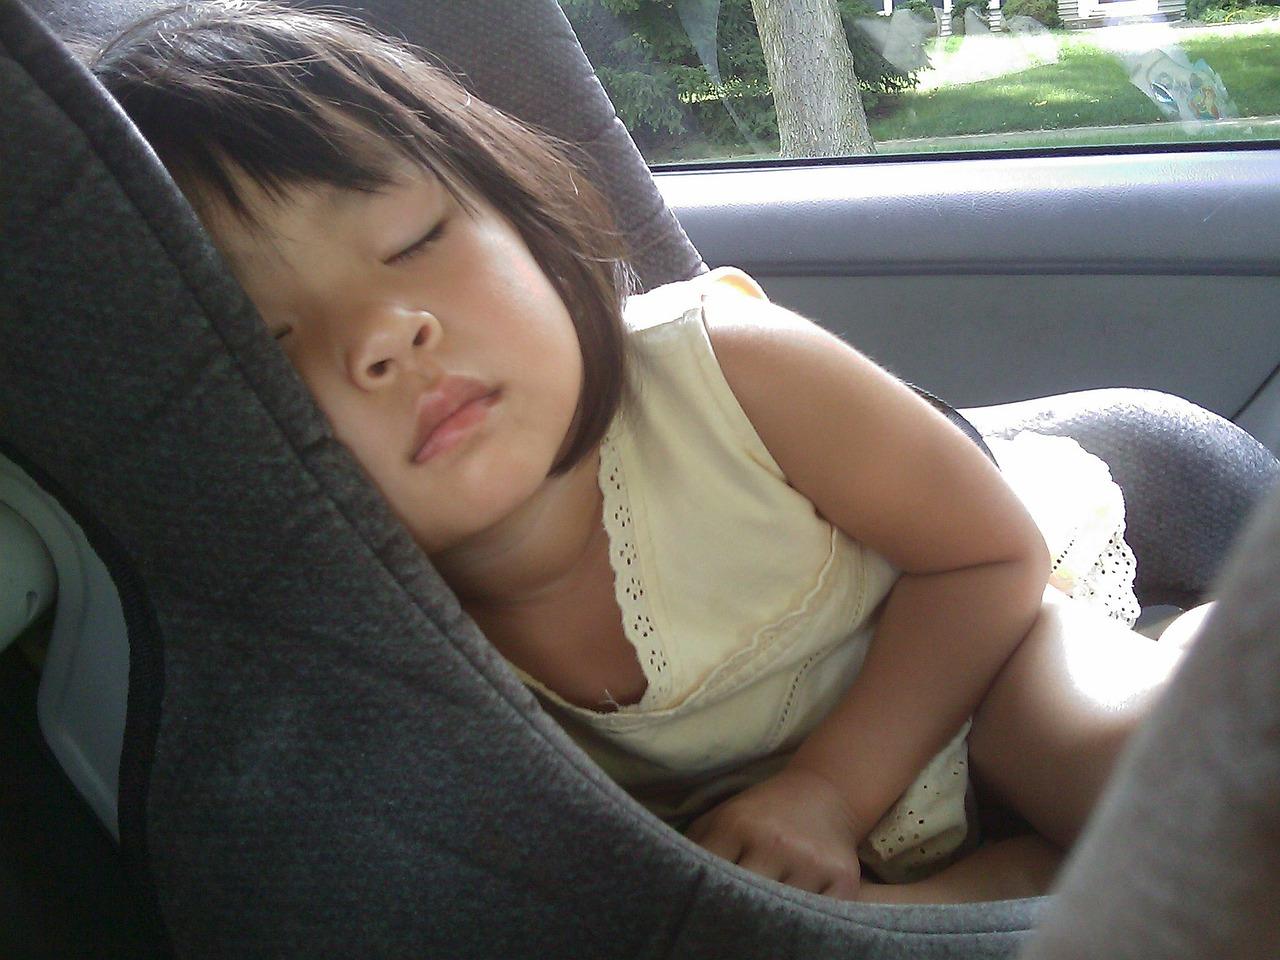 Schlafendes Mädchen im Kindersitz im Auto im Sommer